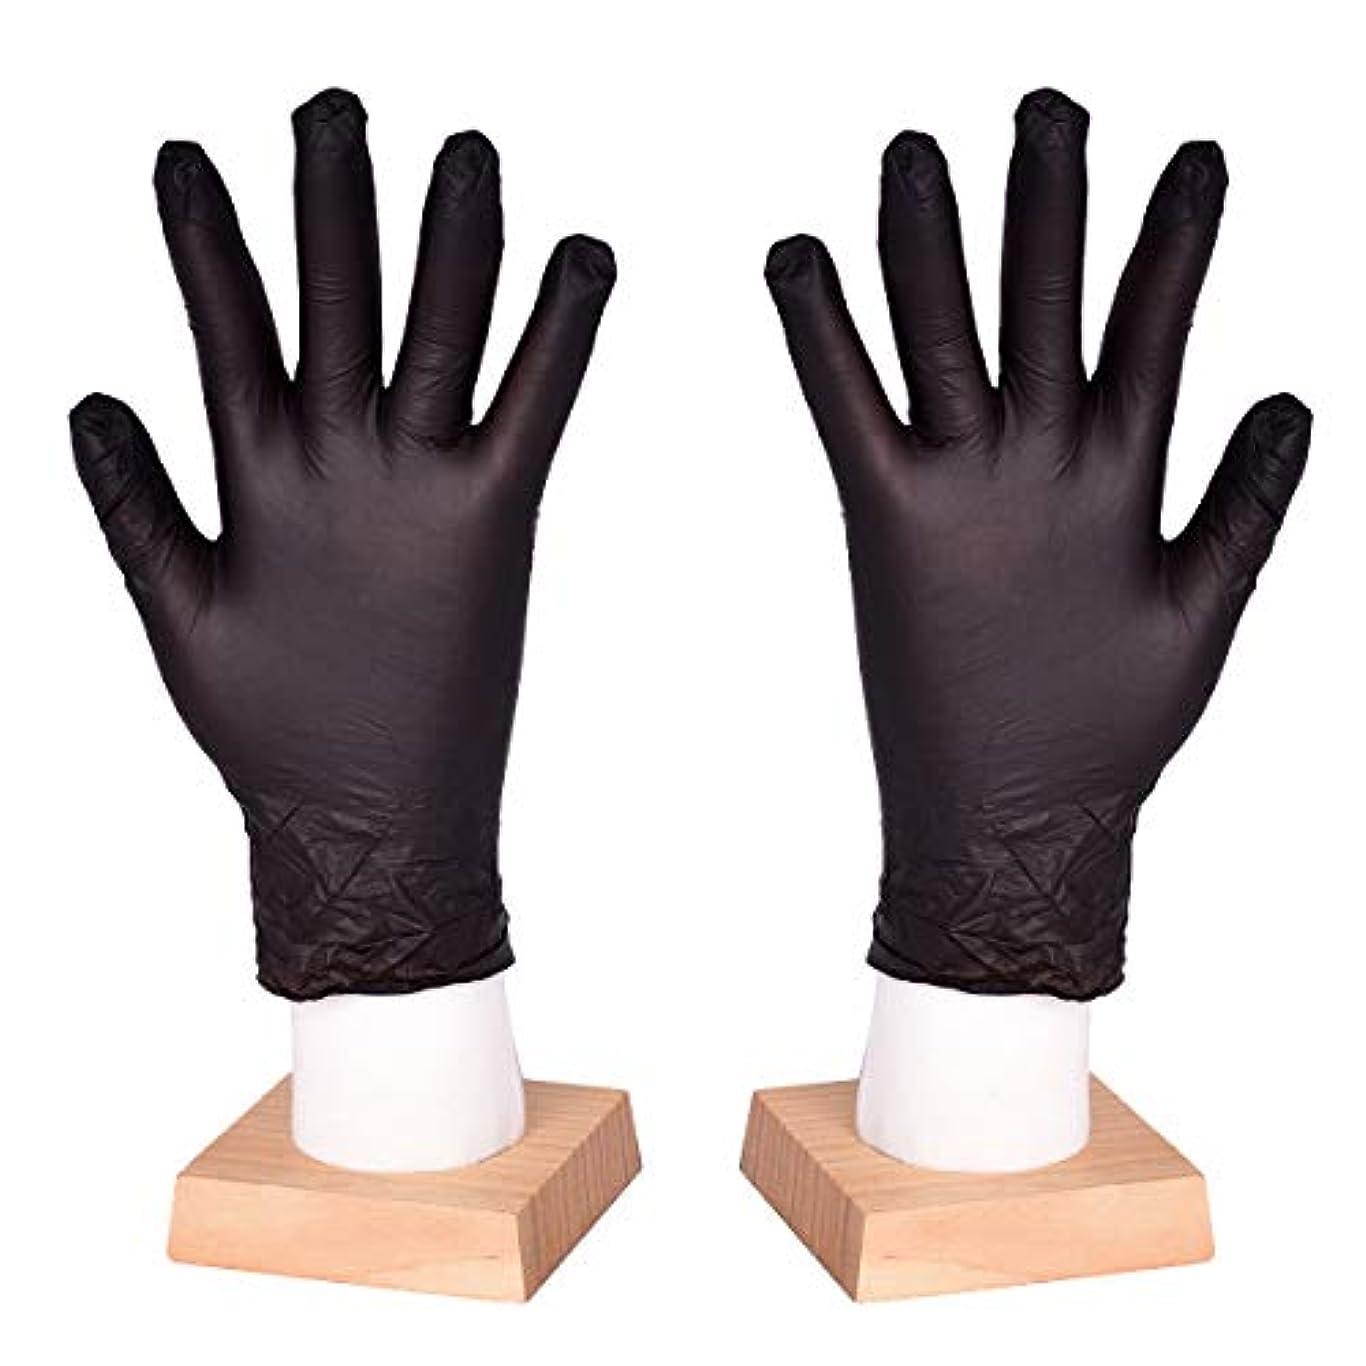 ハイキング自殺れんが[FJTK]使い捨て手袋 滑りにくい 超弾性 多用途 黒 100枚入 (S)